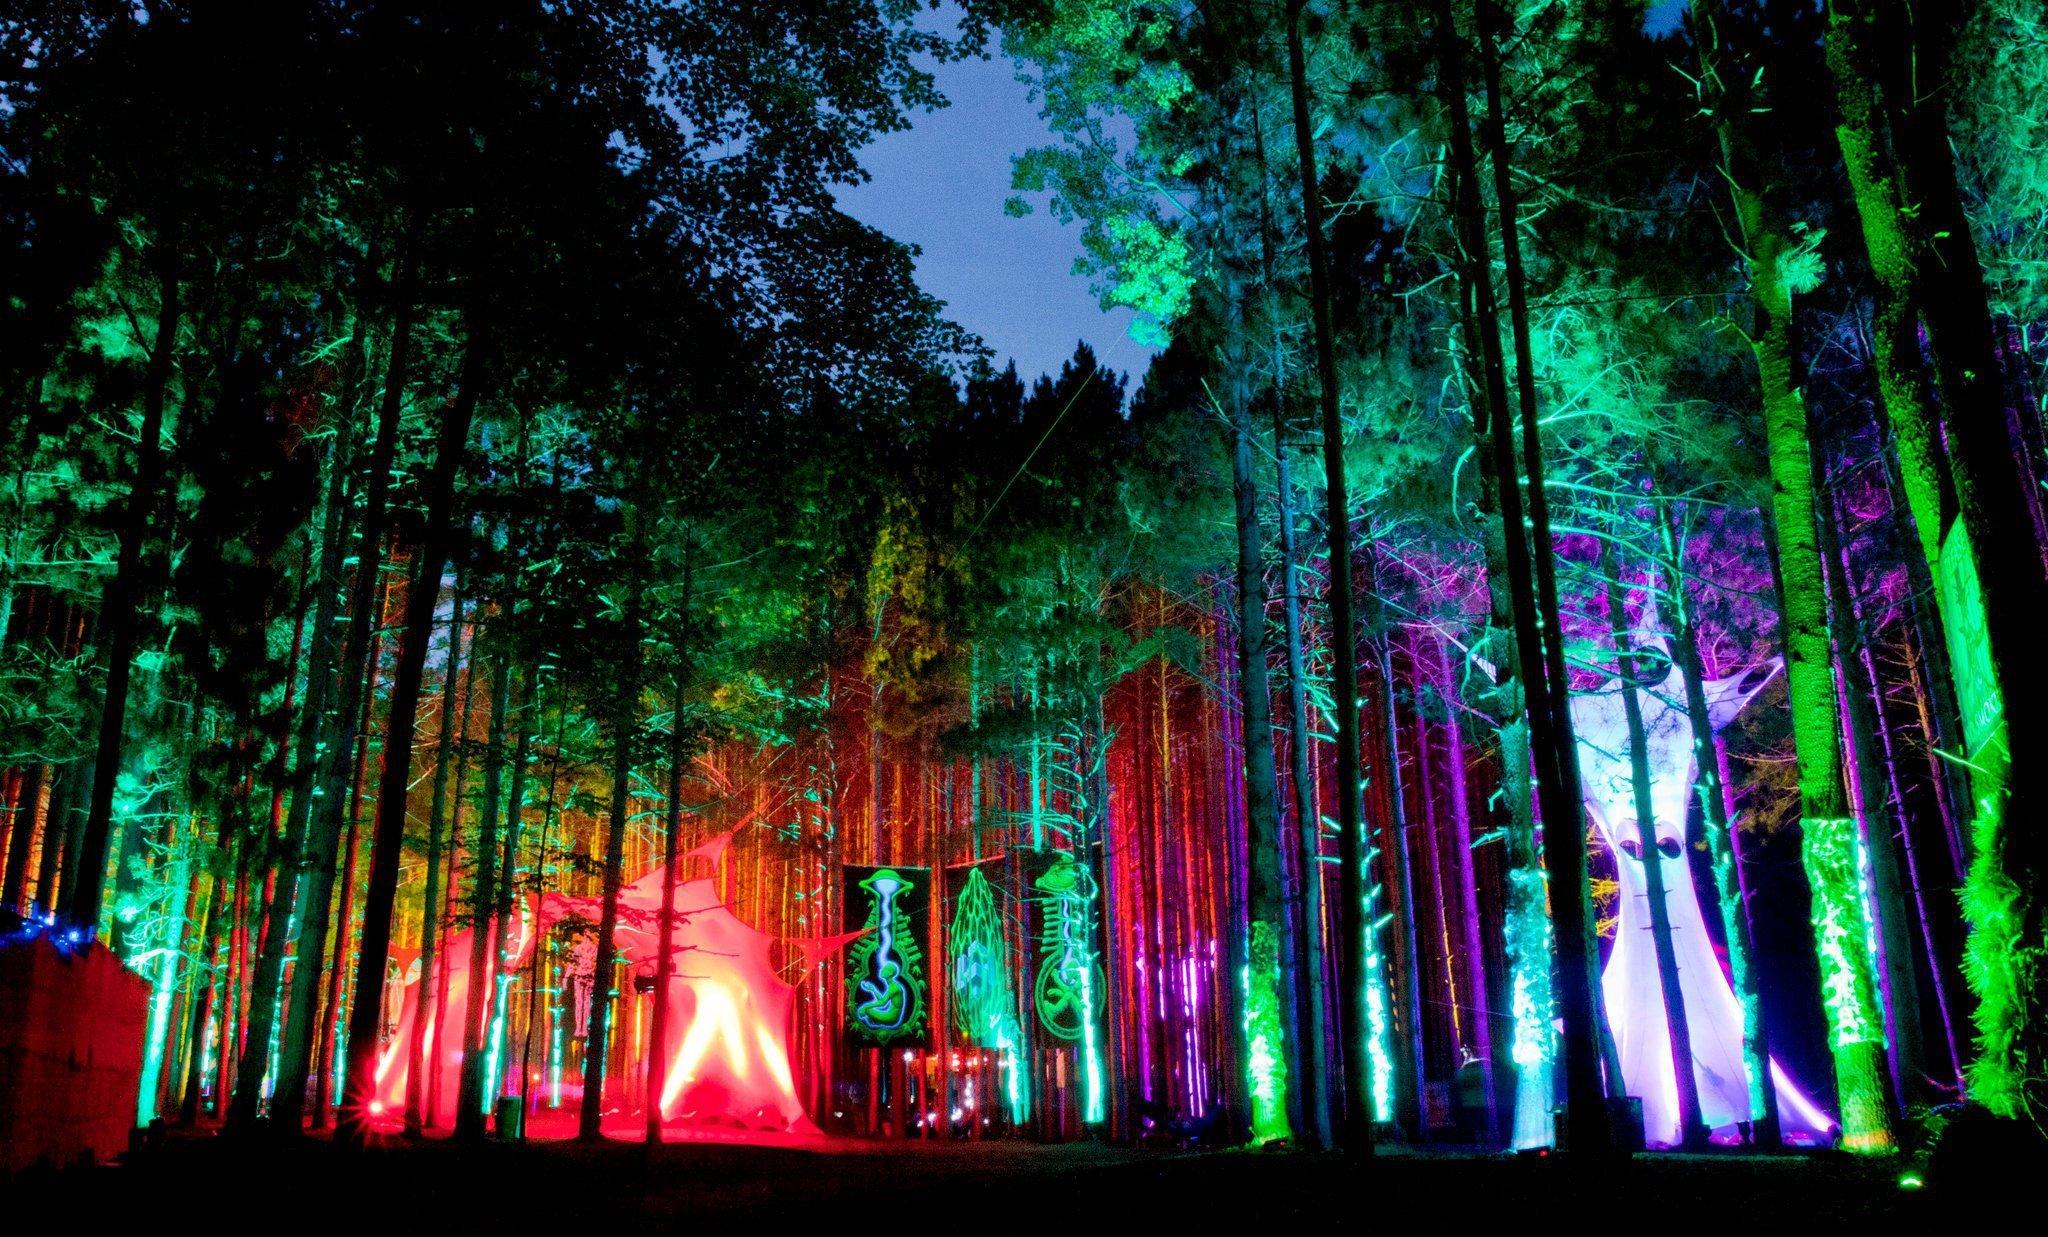 Polvo en el bosque 2 - 1 4